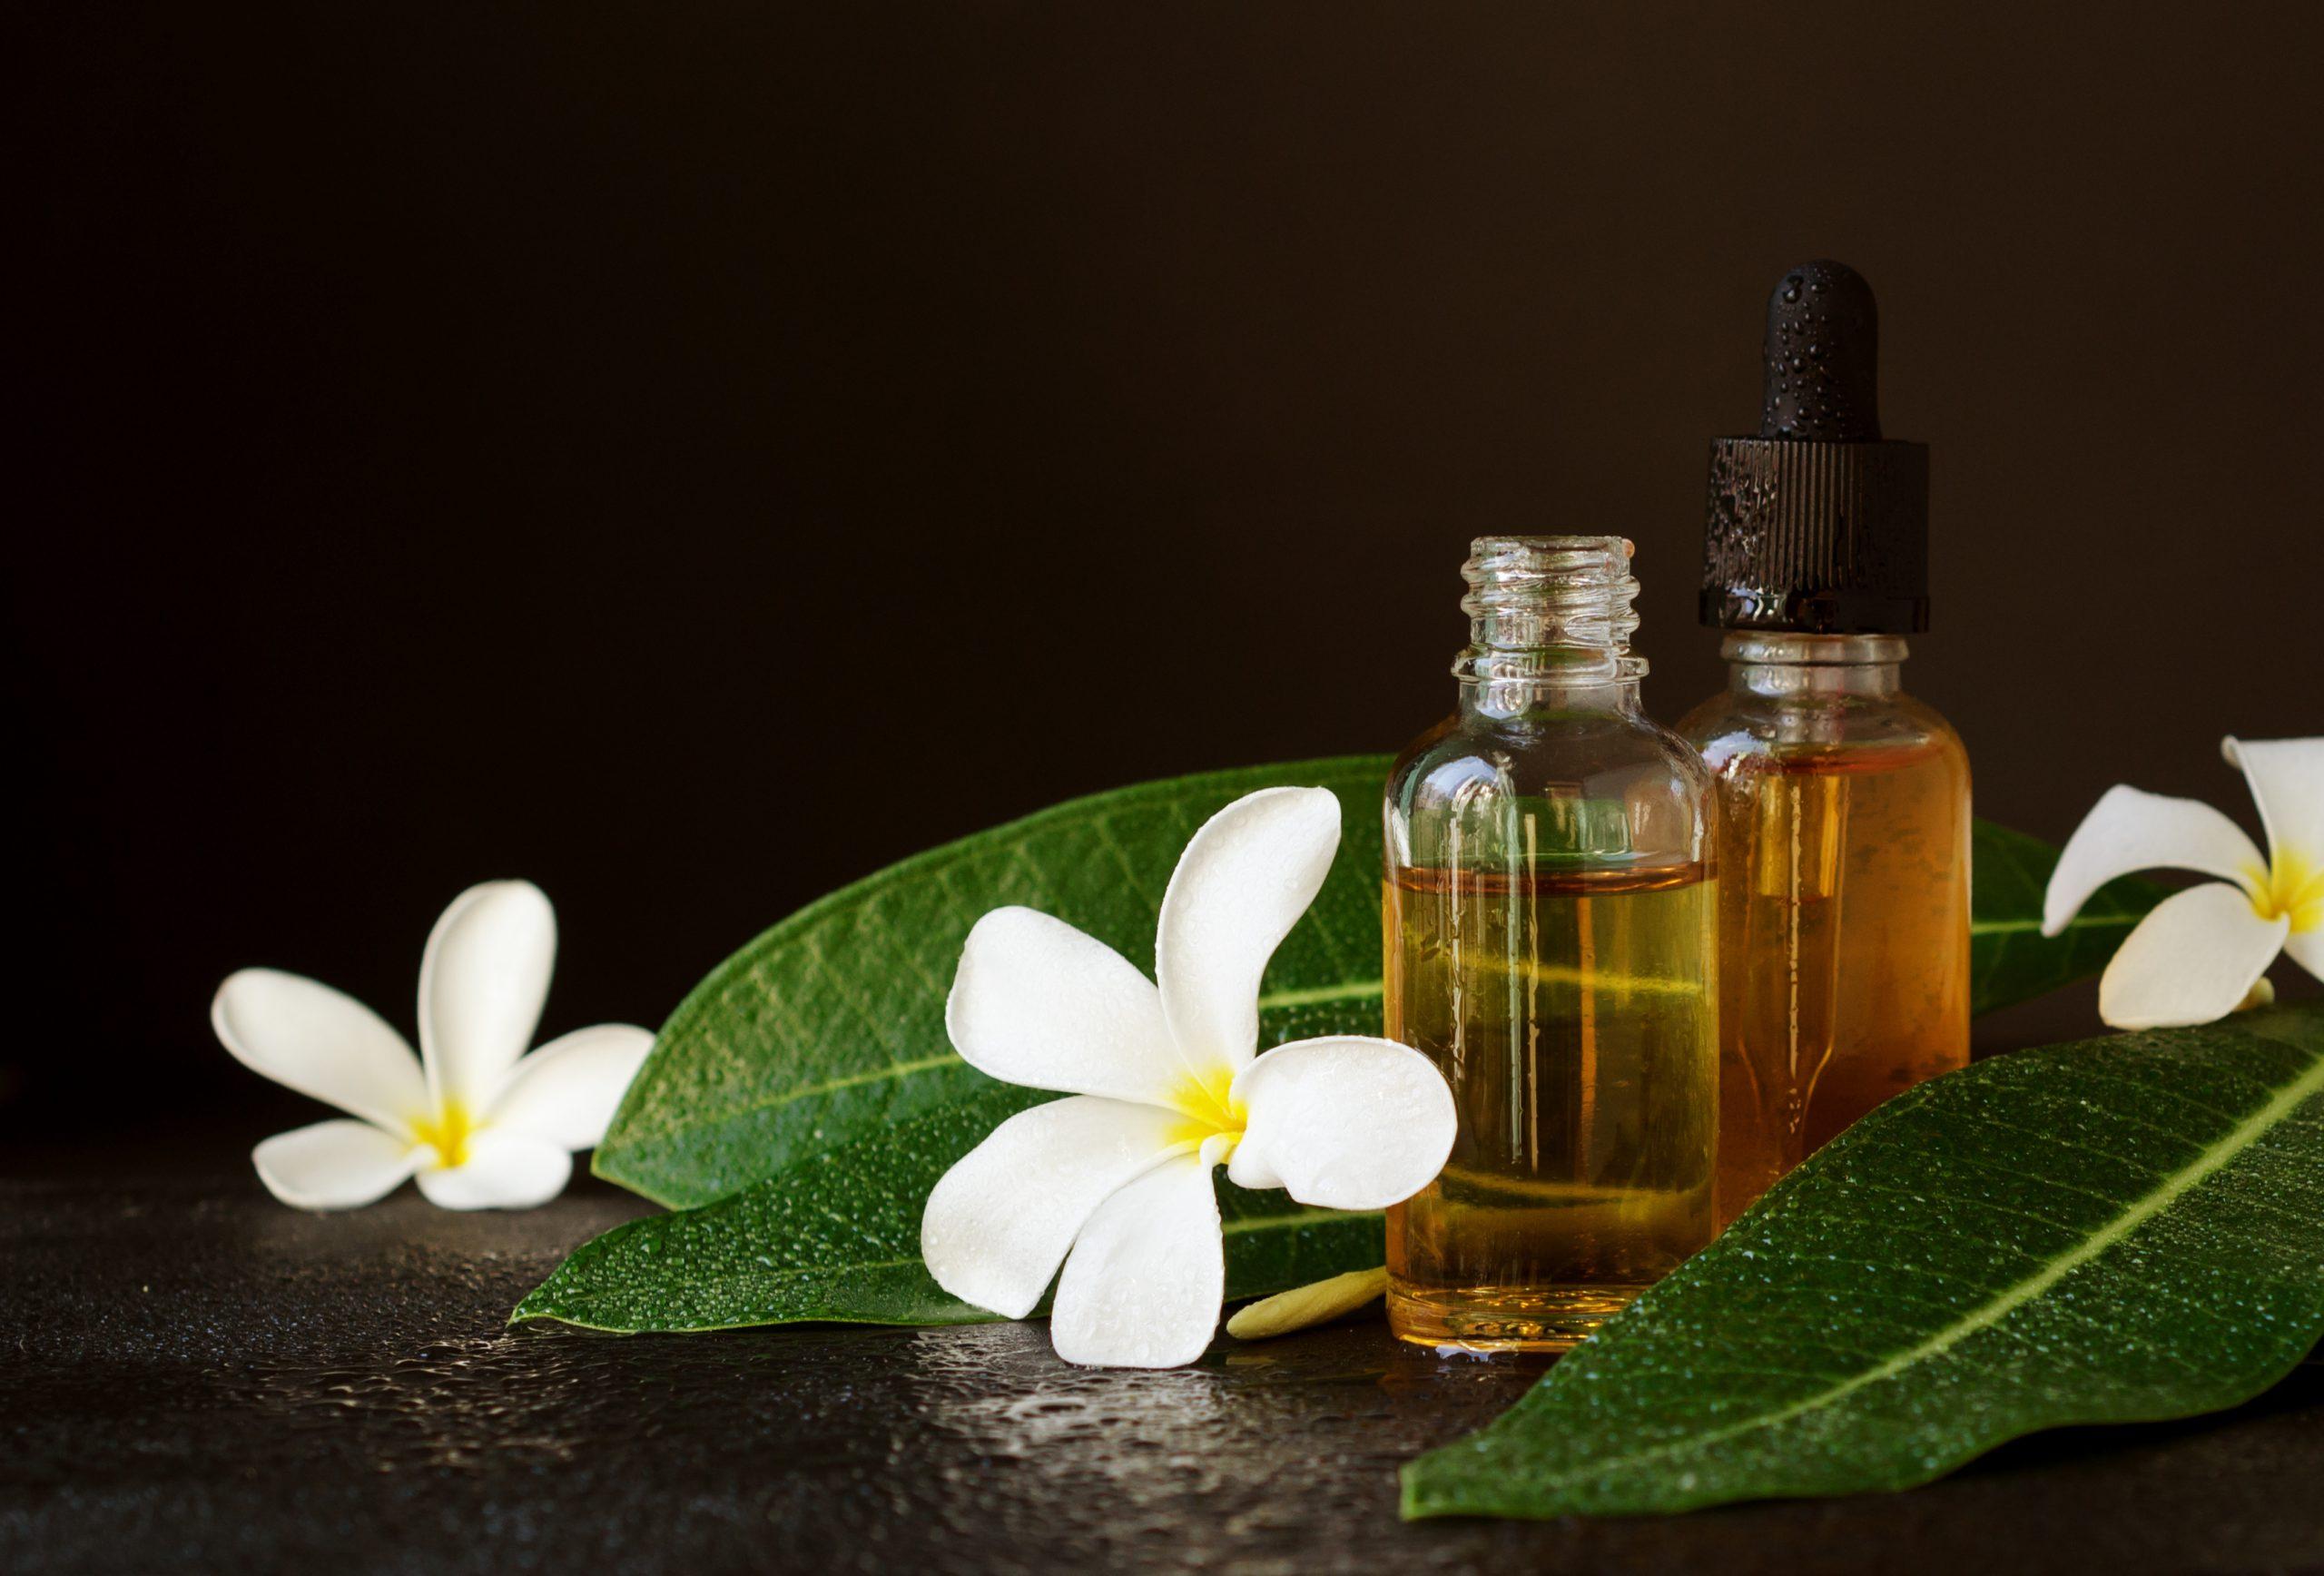 Aromapflege, ätherische Öle, Raindrop, Raindrop Technique